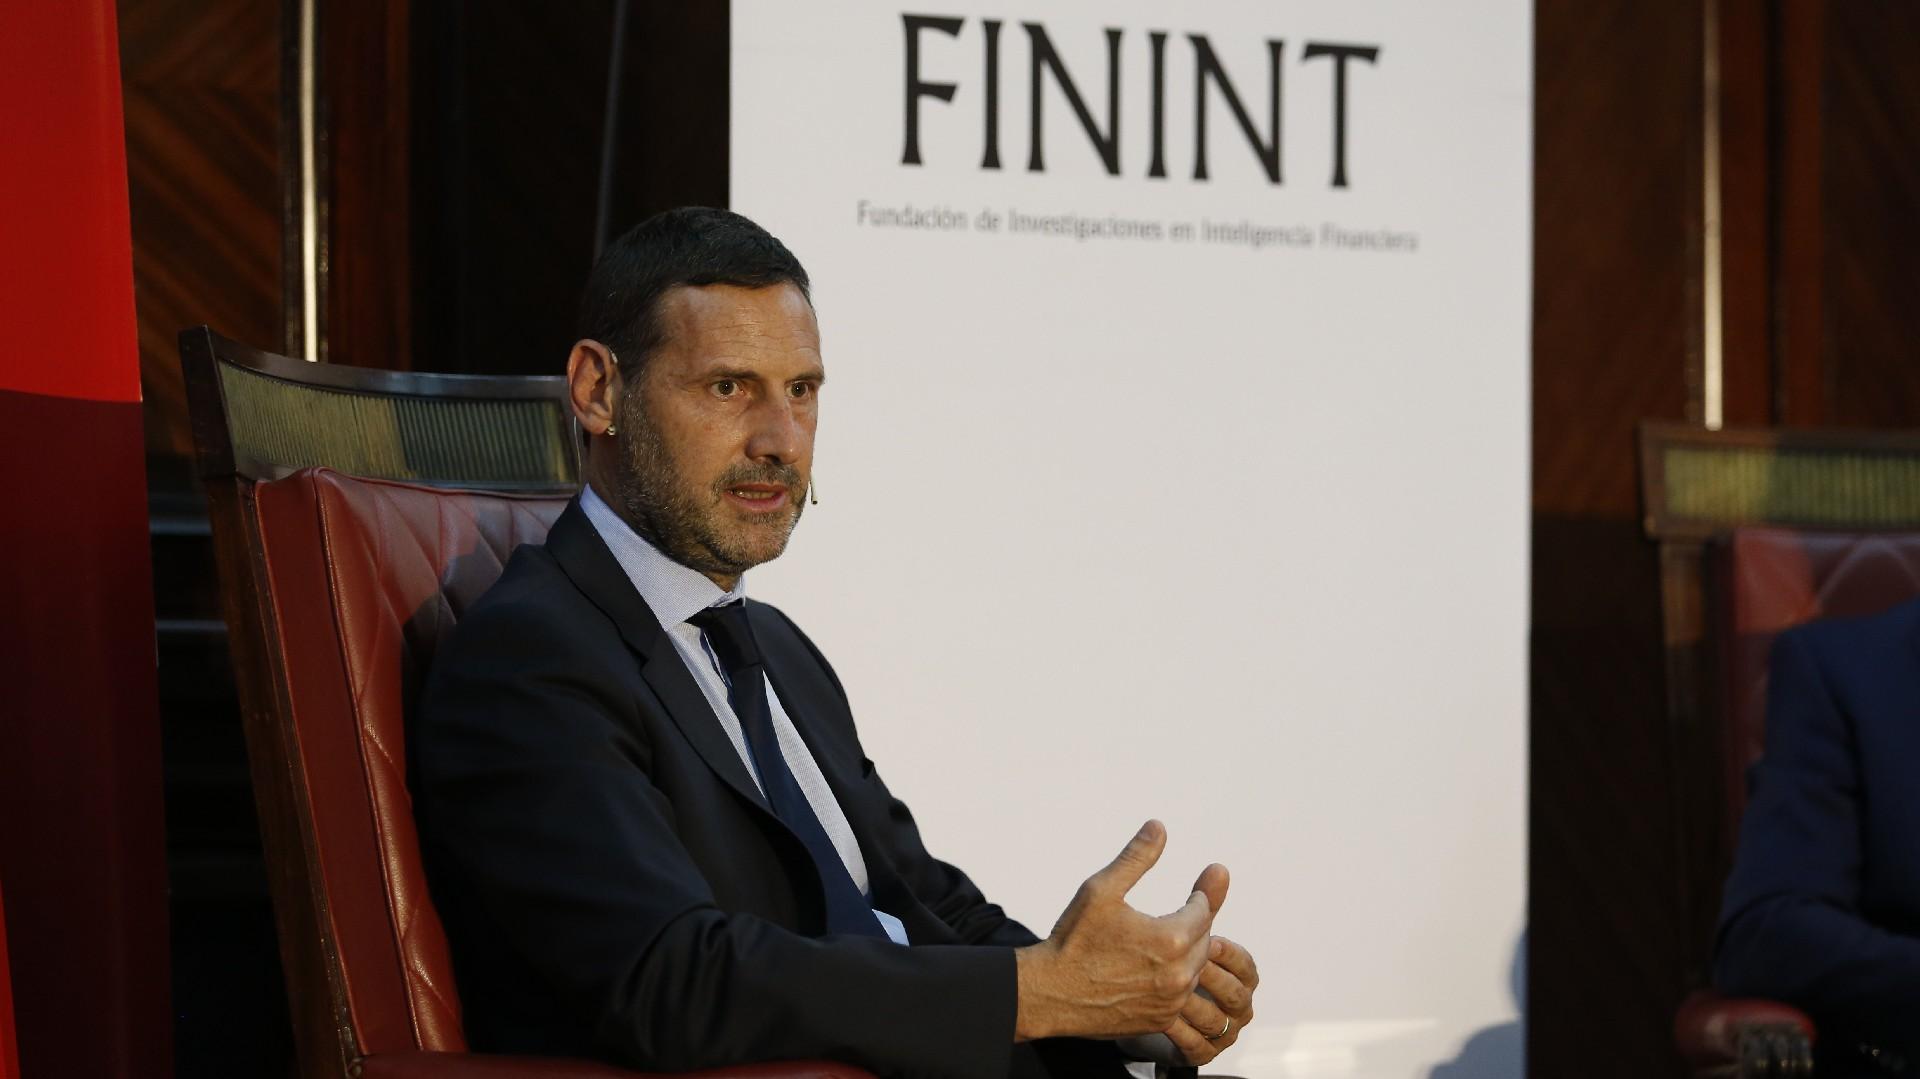 Juan Félix Marteau, Fundador de FININT. Director del programa de Posgrado PGLAFT-UBA